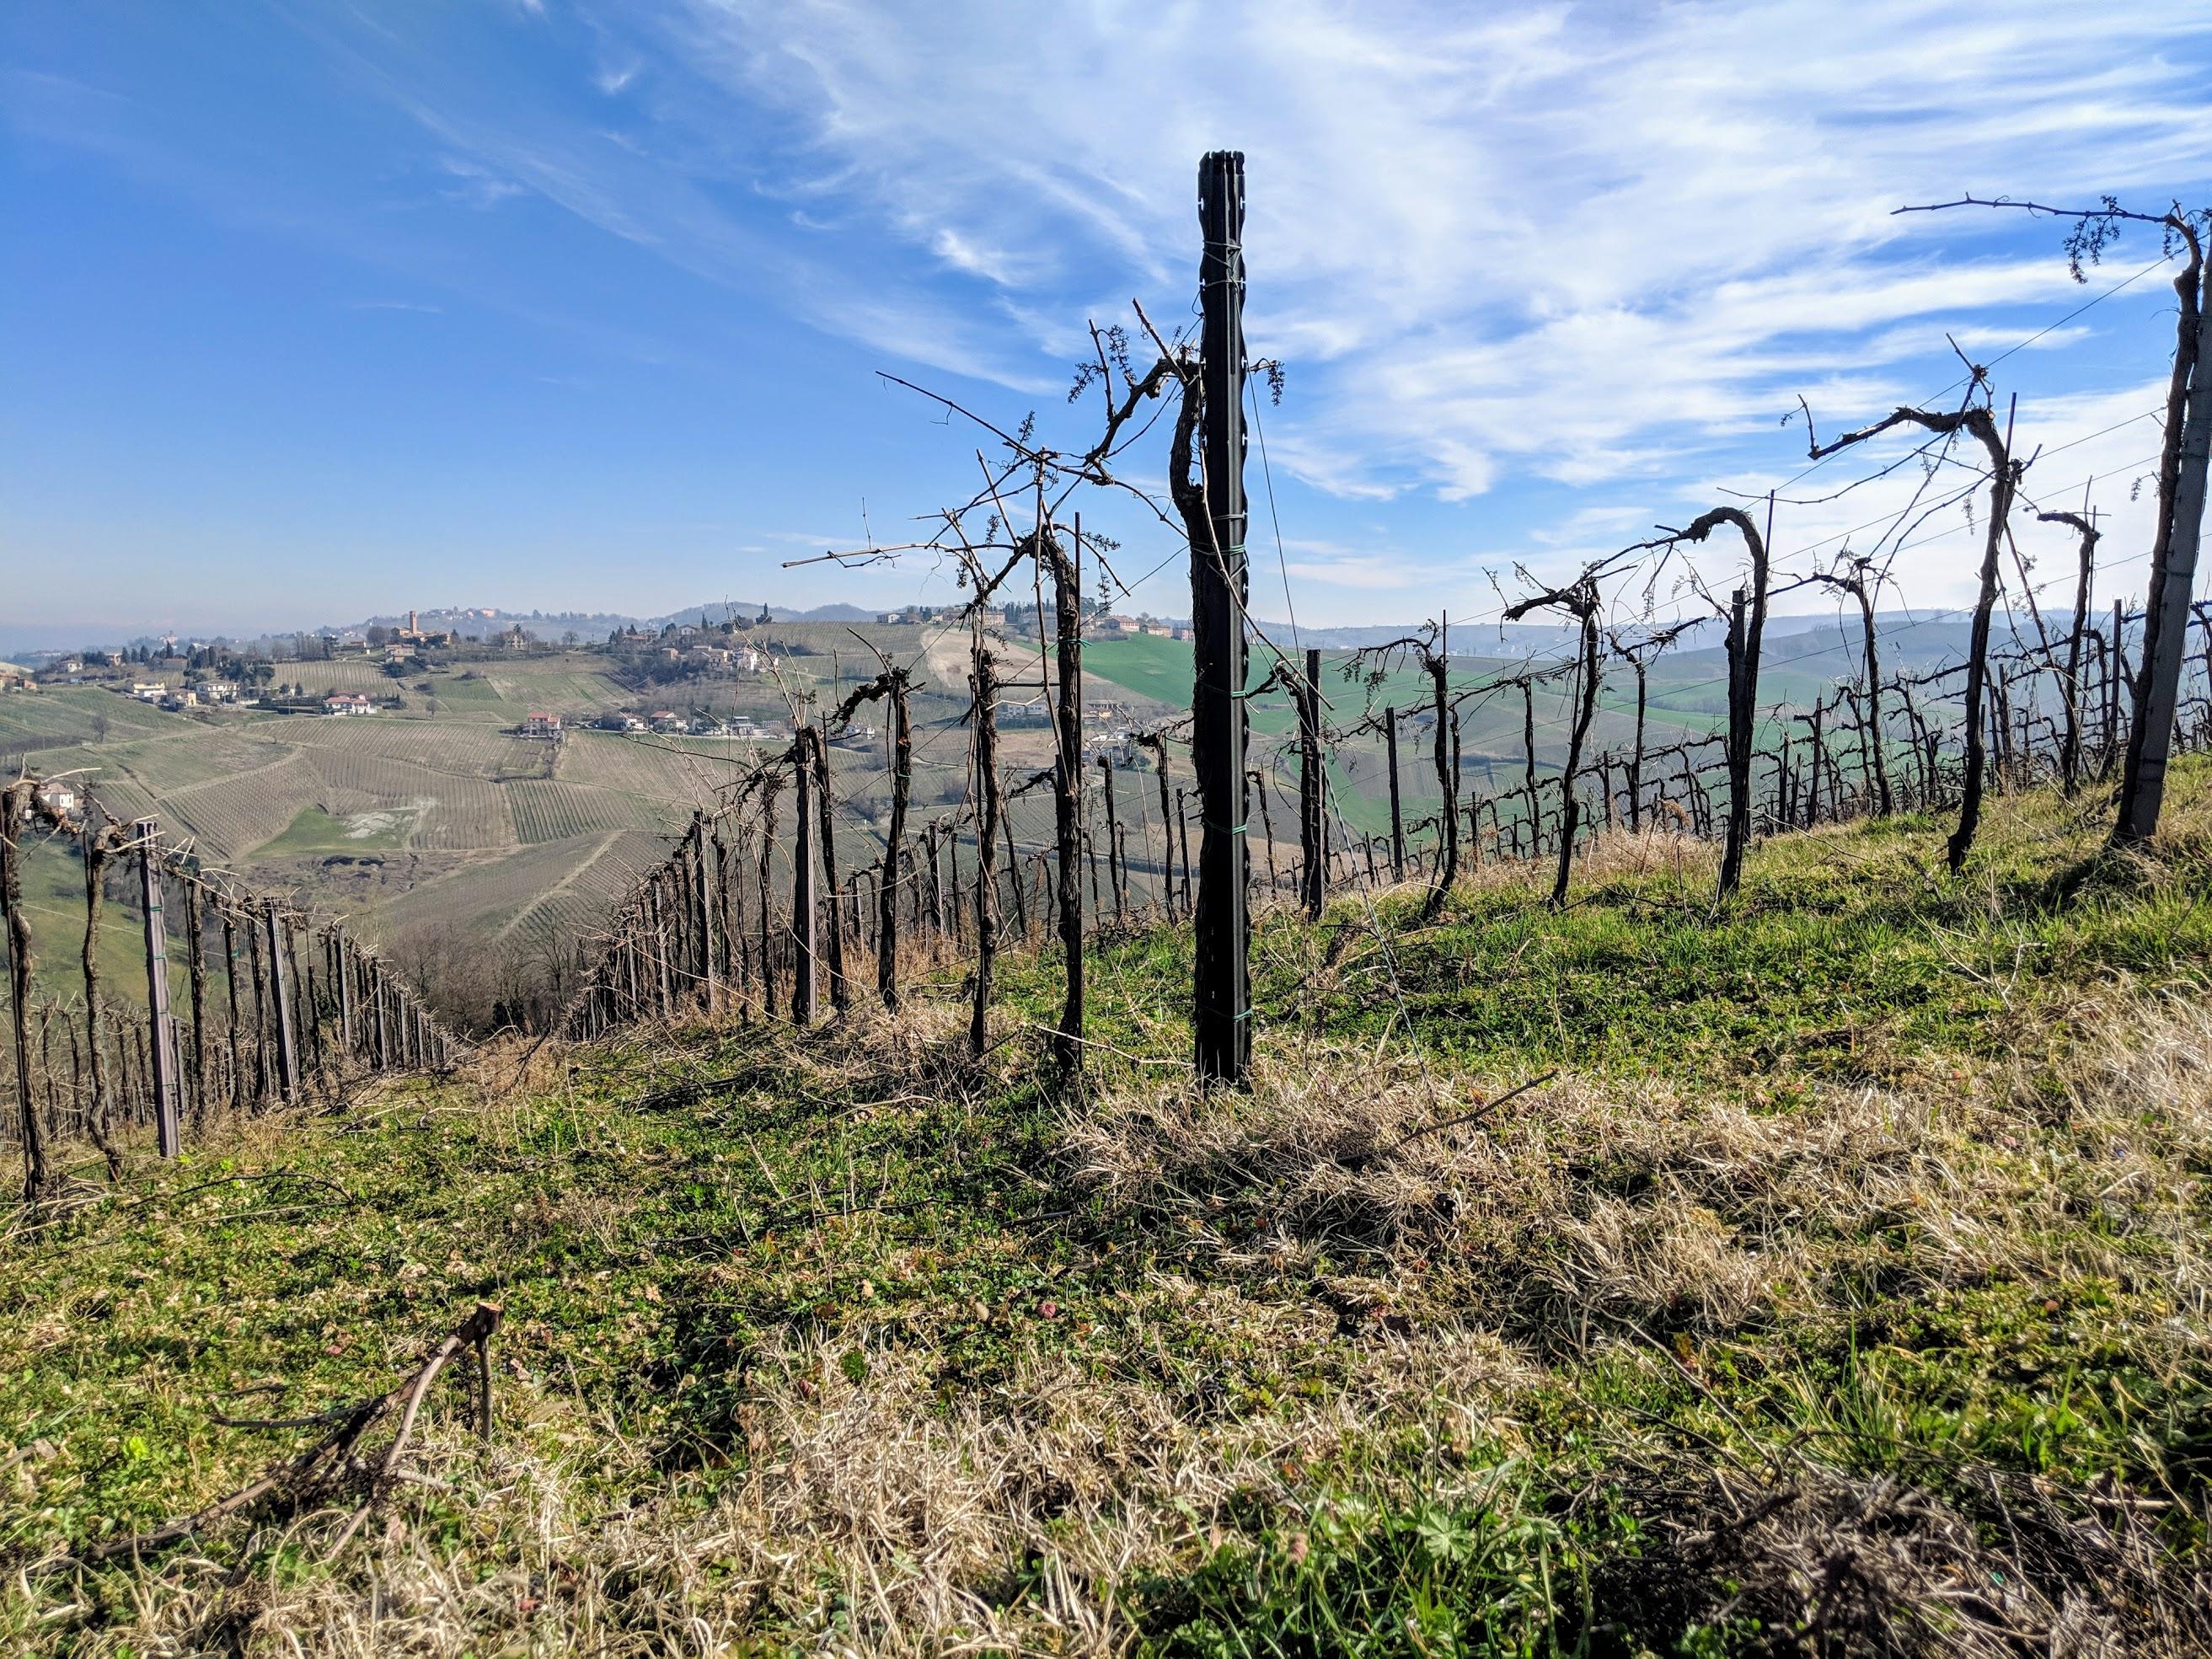 Correre nell'Oltrepo Pavese offre continue viste su un paesaggio agricolo collinare veramente bello e che cambia continuamente con l'ora del giorno e il periodo dell'anno.